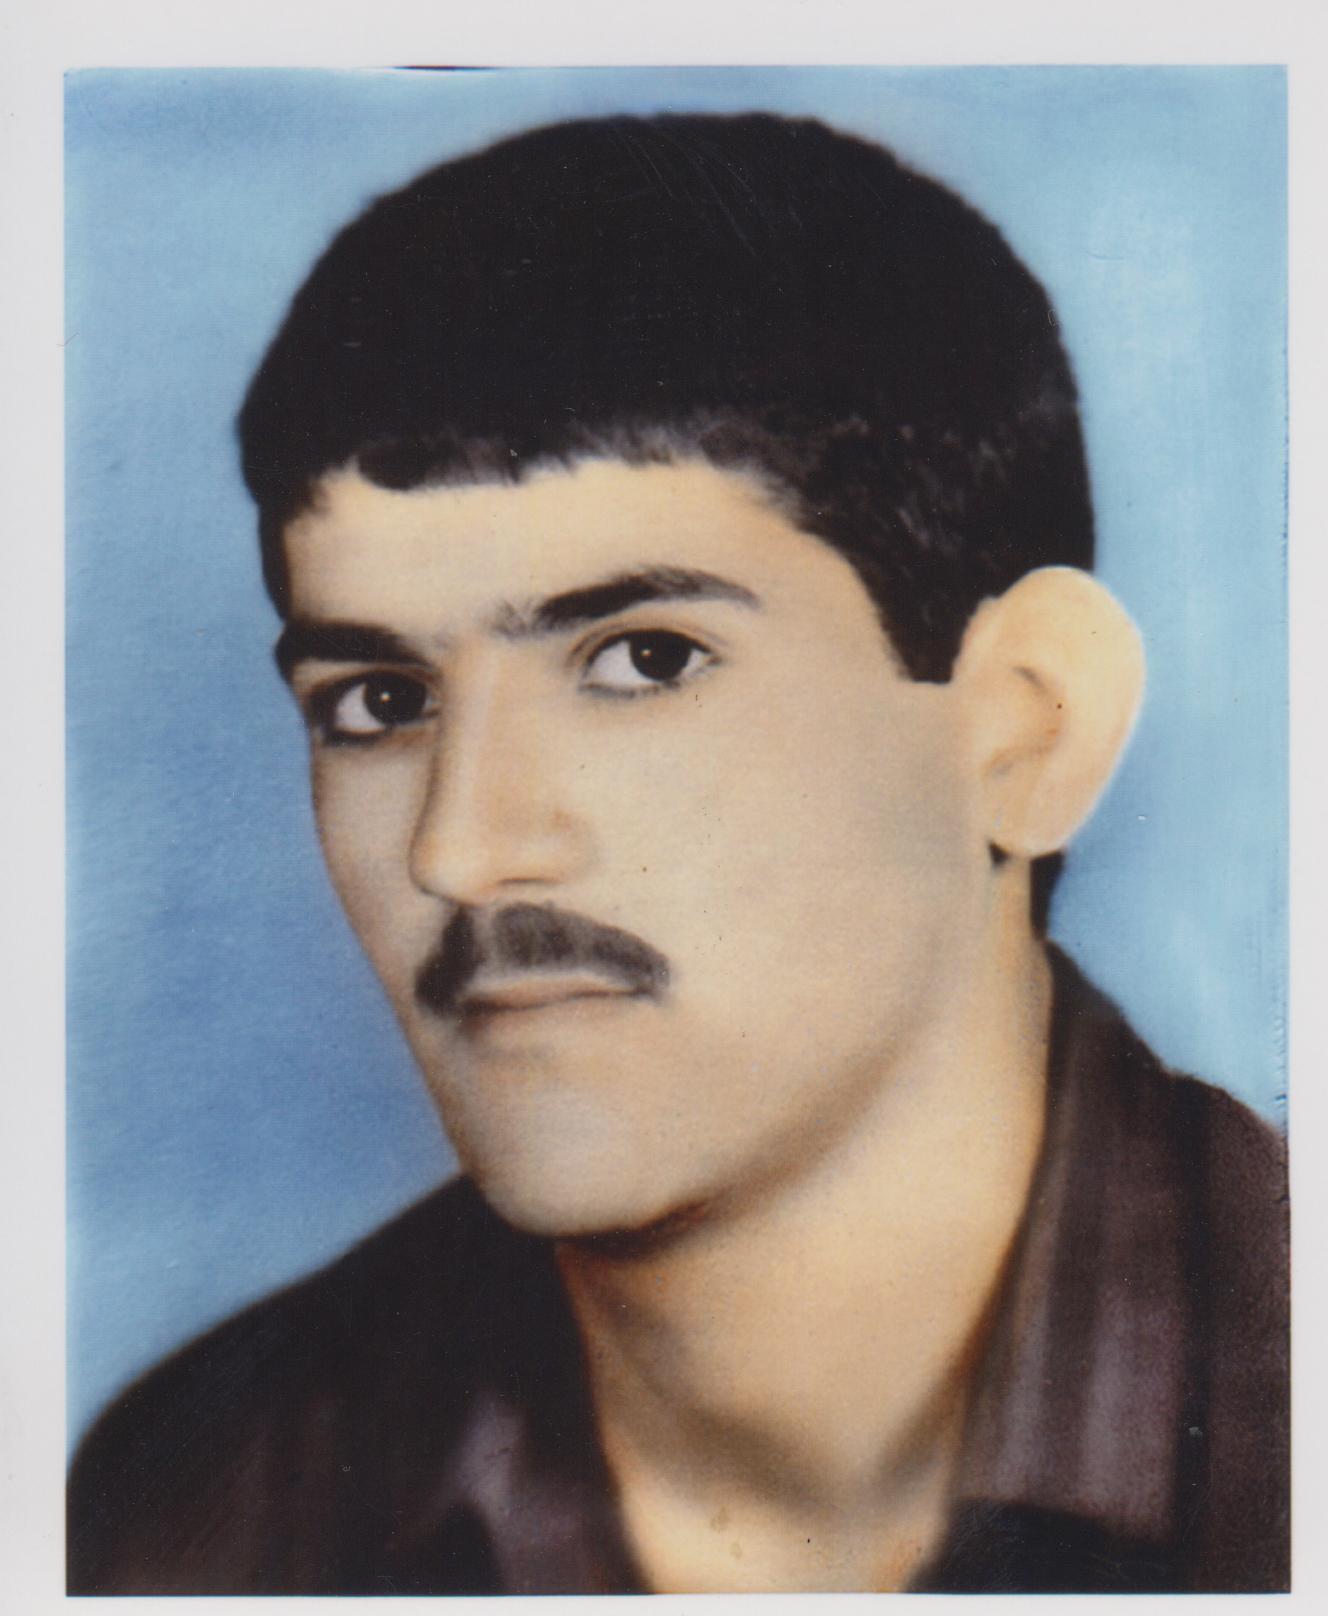 علی محمد نیازی بیدگلی